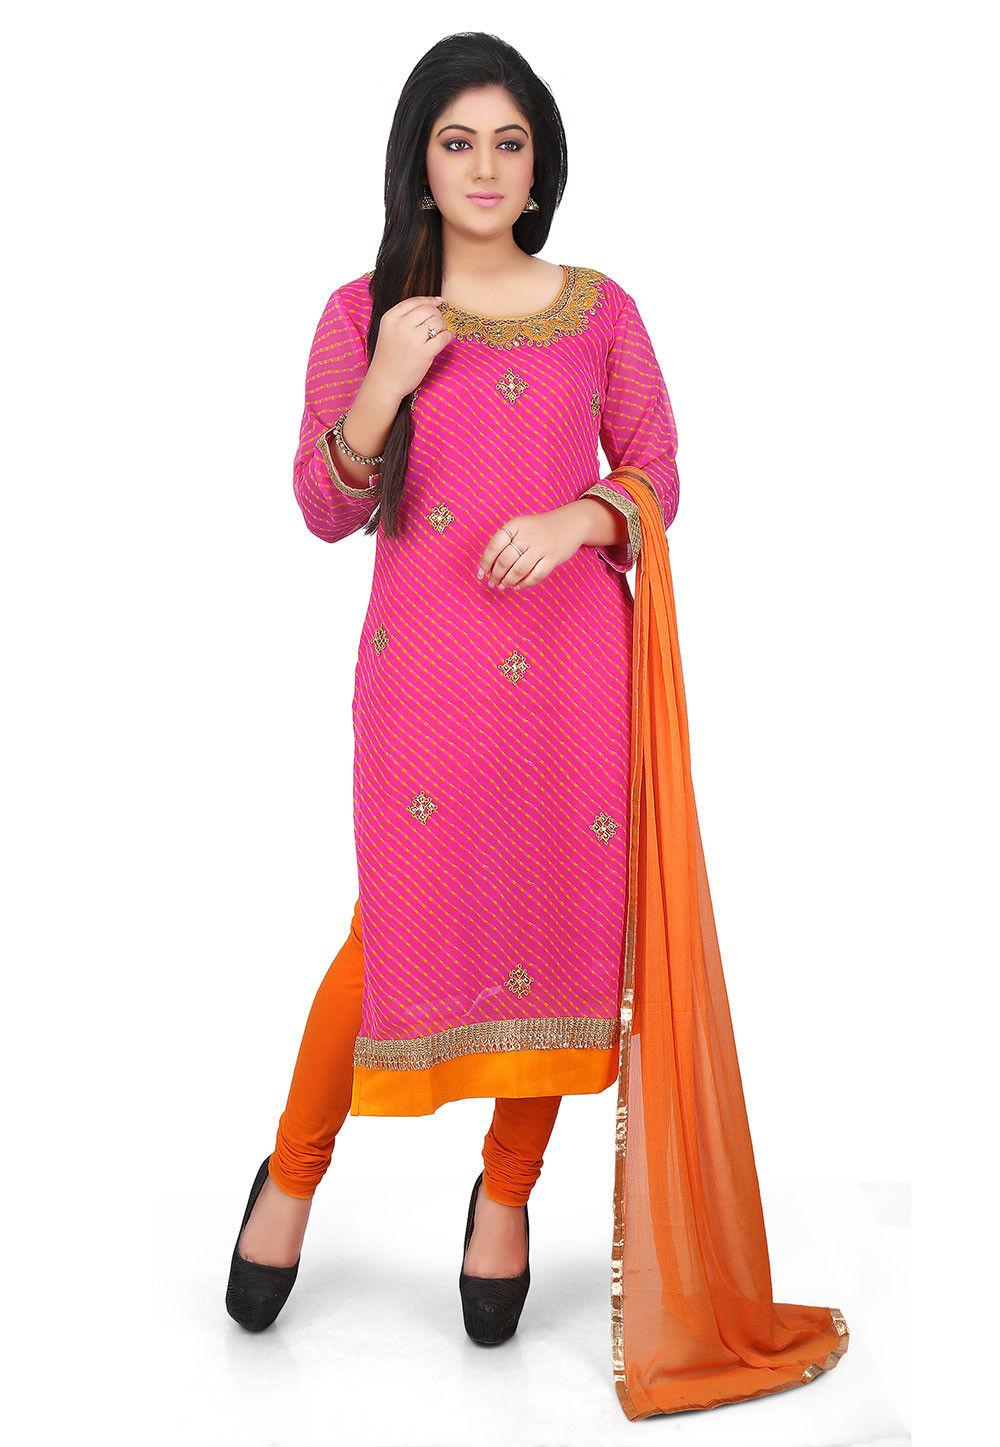 Leheriya Georgette Straight Cut Suit in Pink